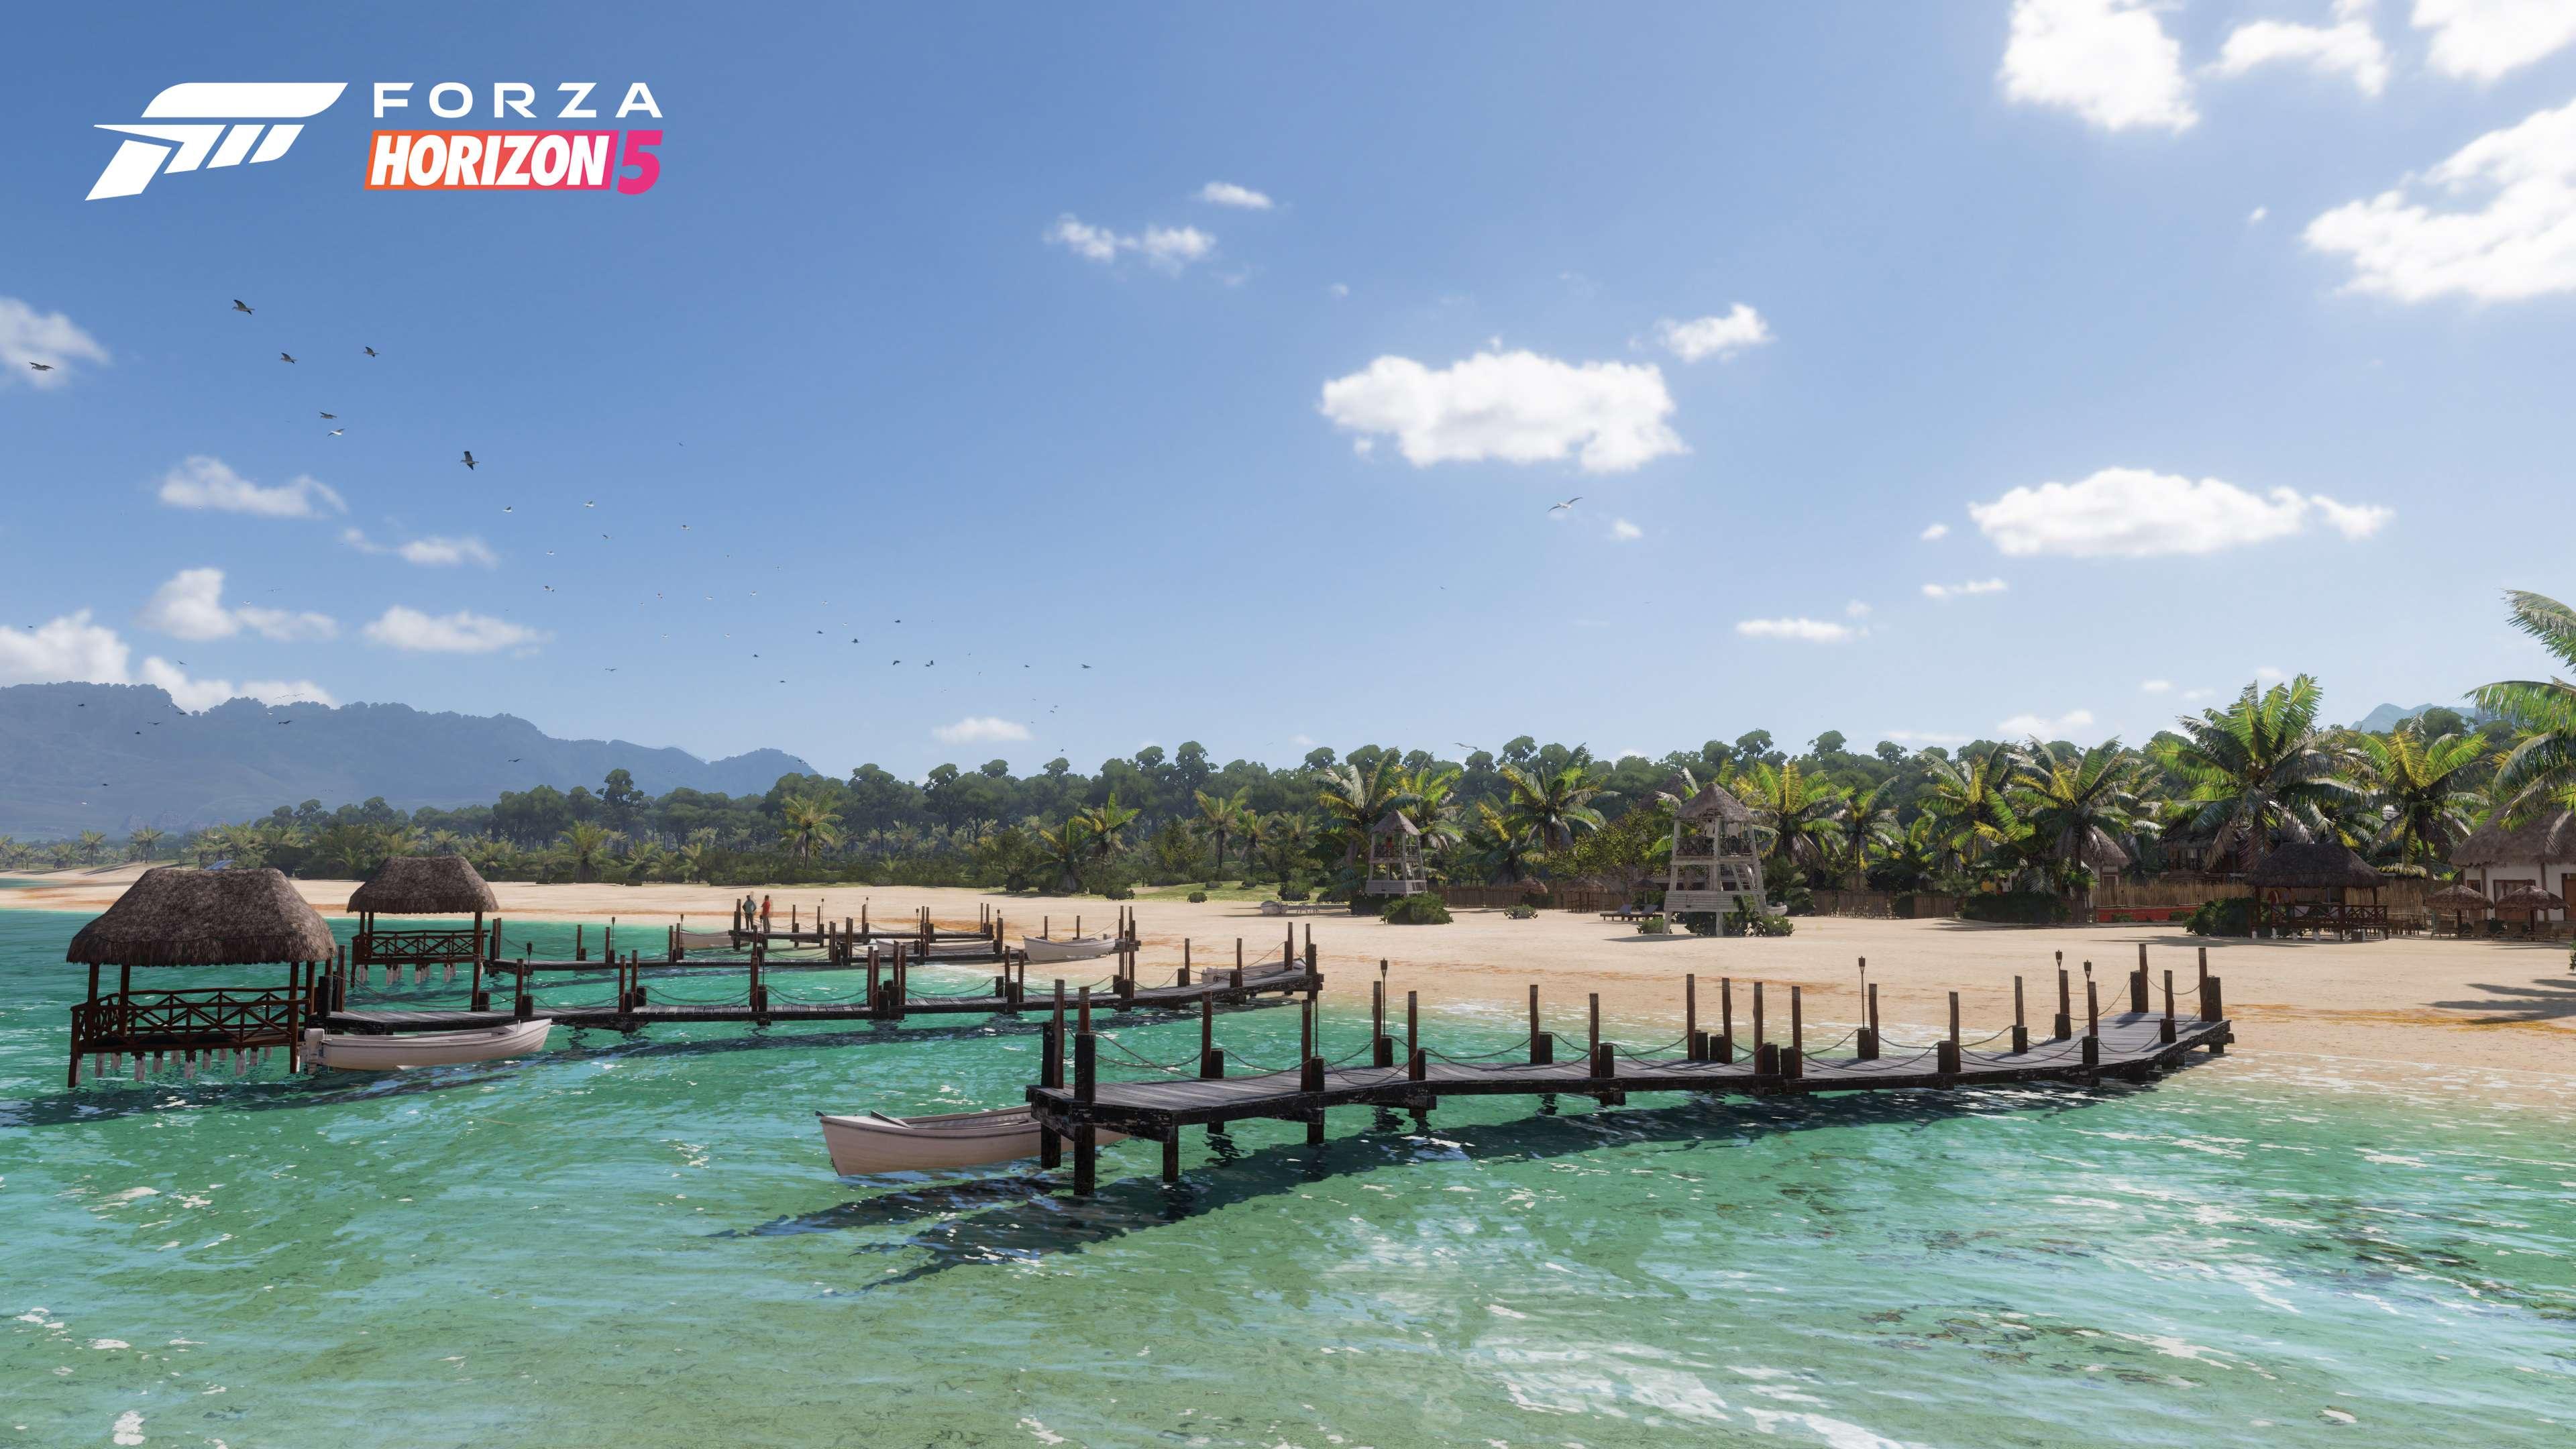 Forza Horizon 5 Tropical Coast